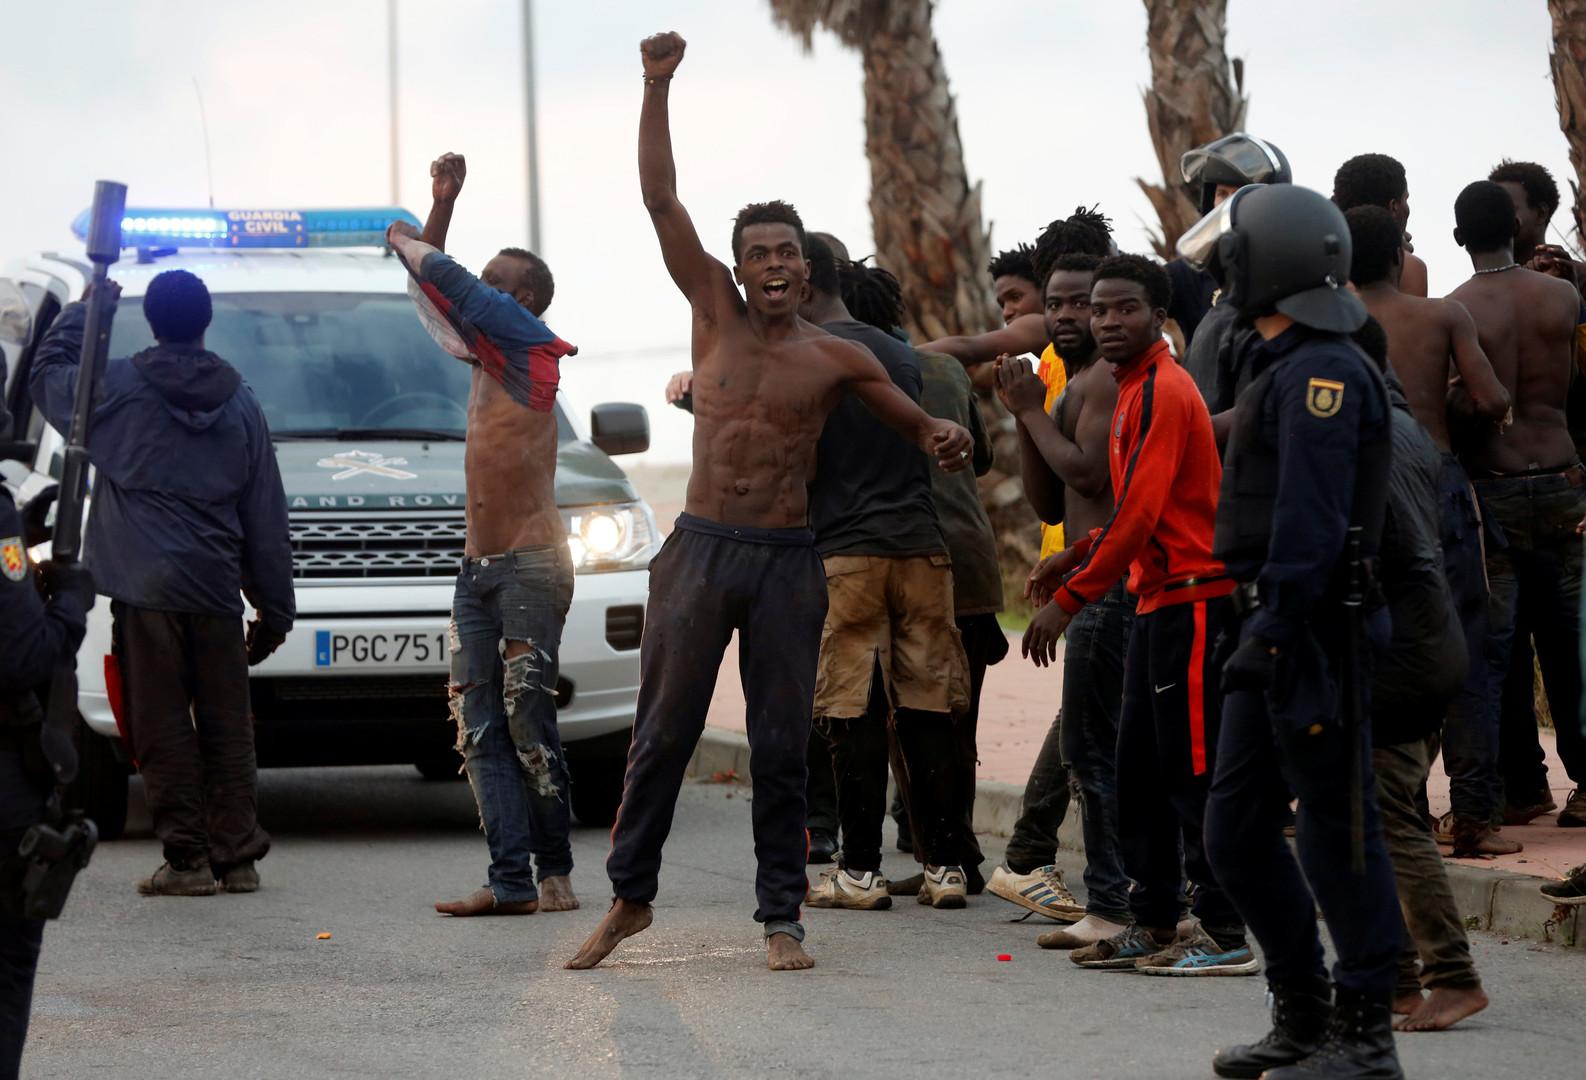 Maghreb : plus de 200 migrants forcent la frontière de l'enclave espagnole de Ceuta (IMAGES)